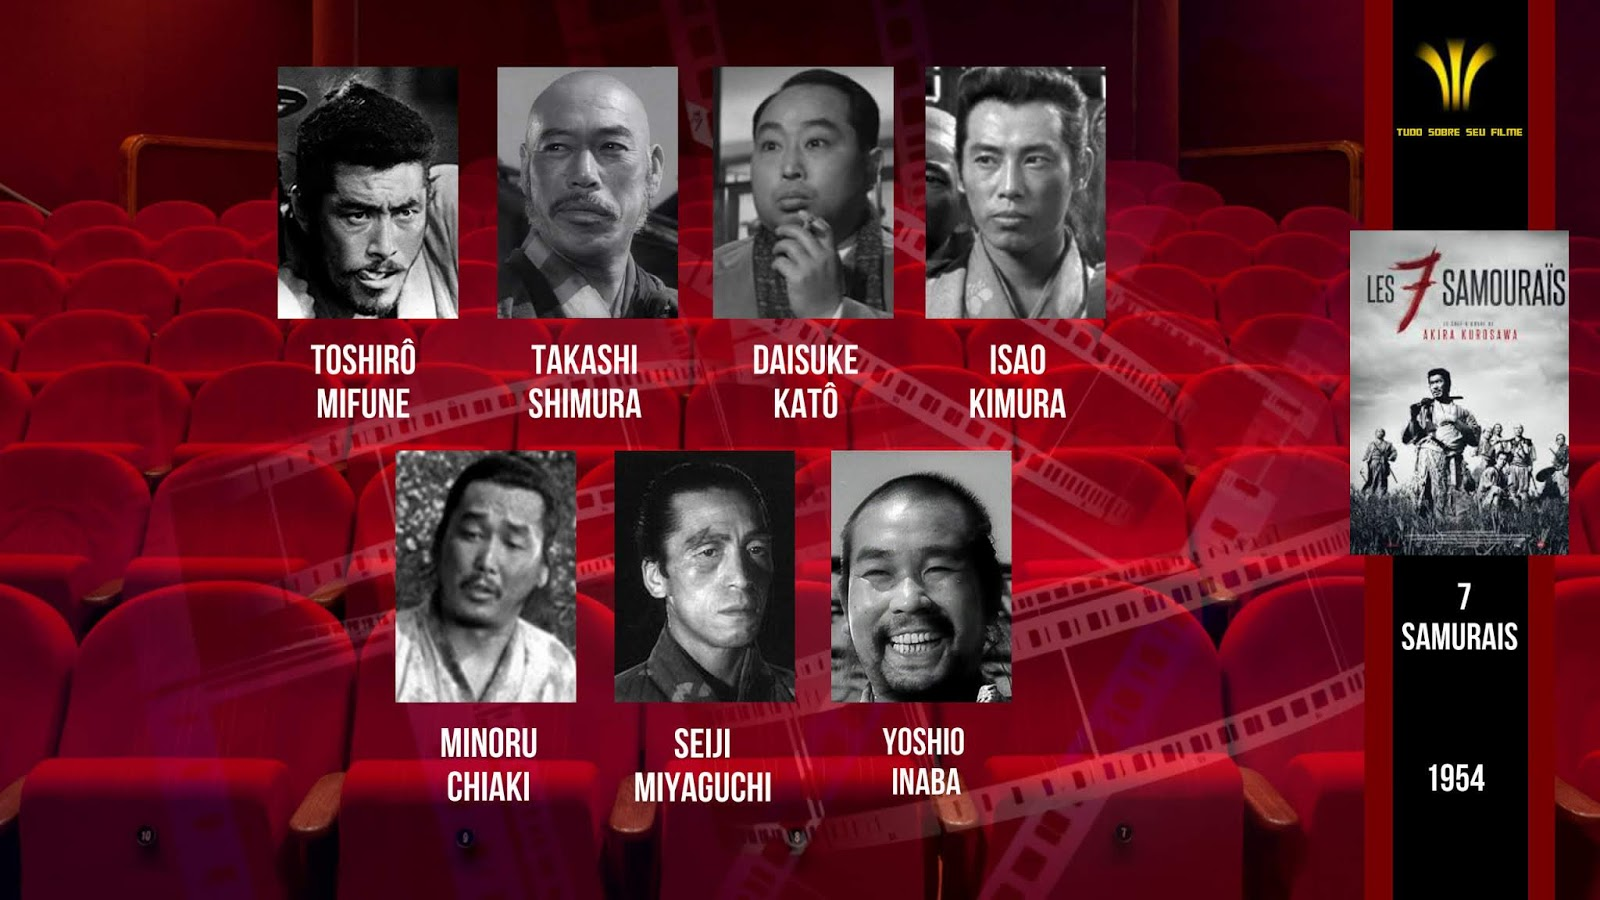 7-samurais